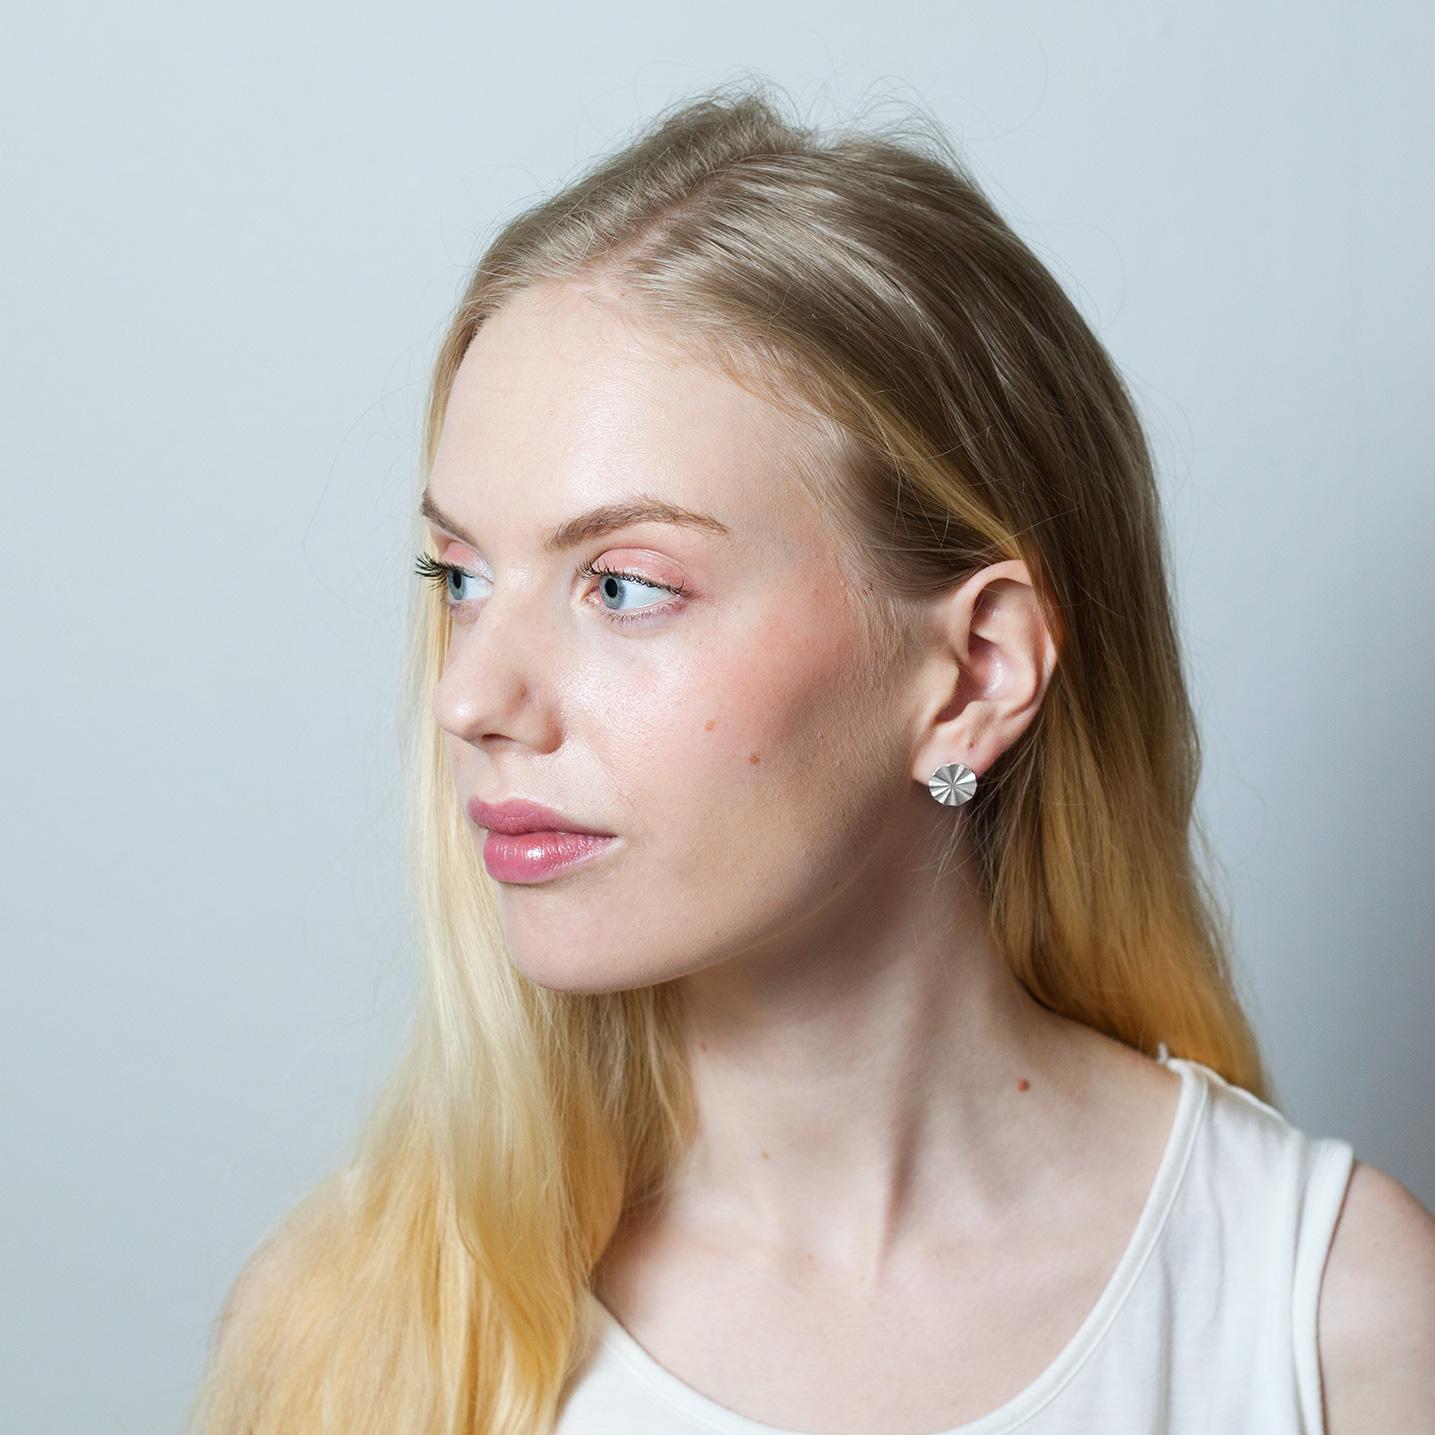 Aurora pienet nappikorvakorut -Karina